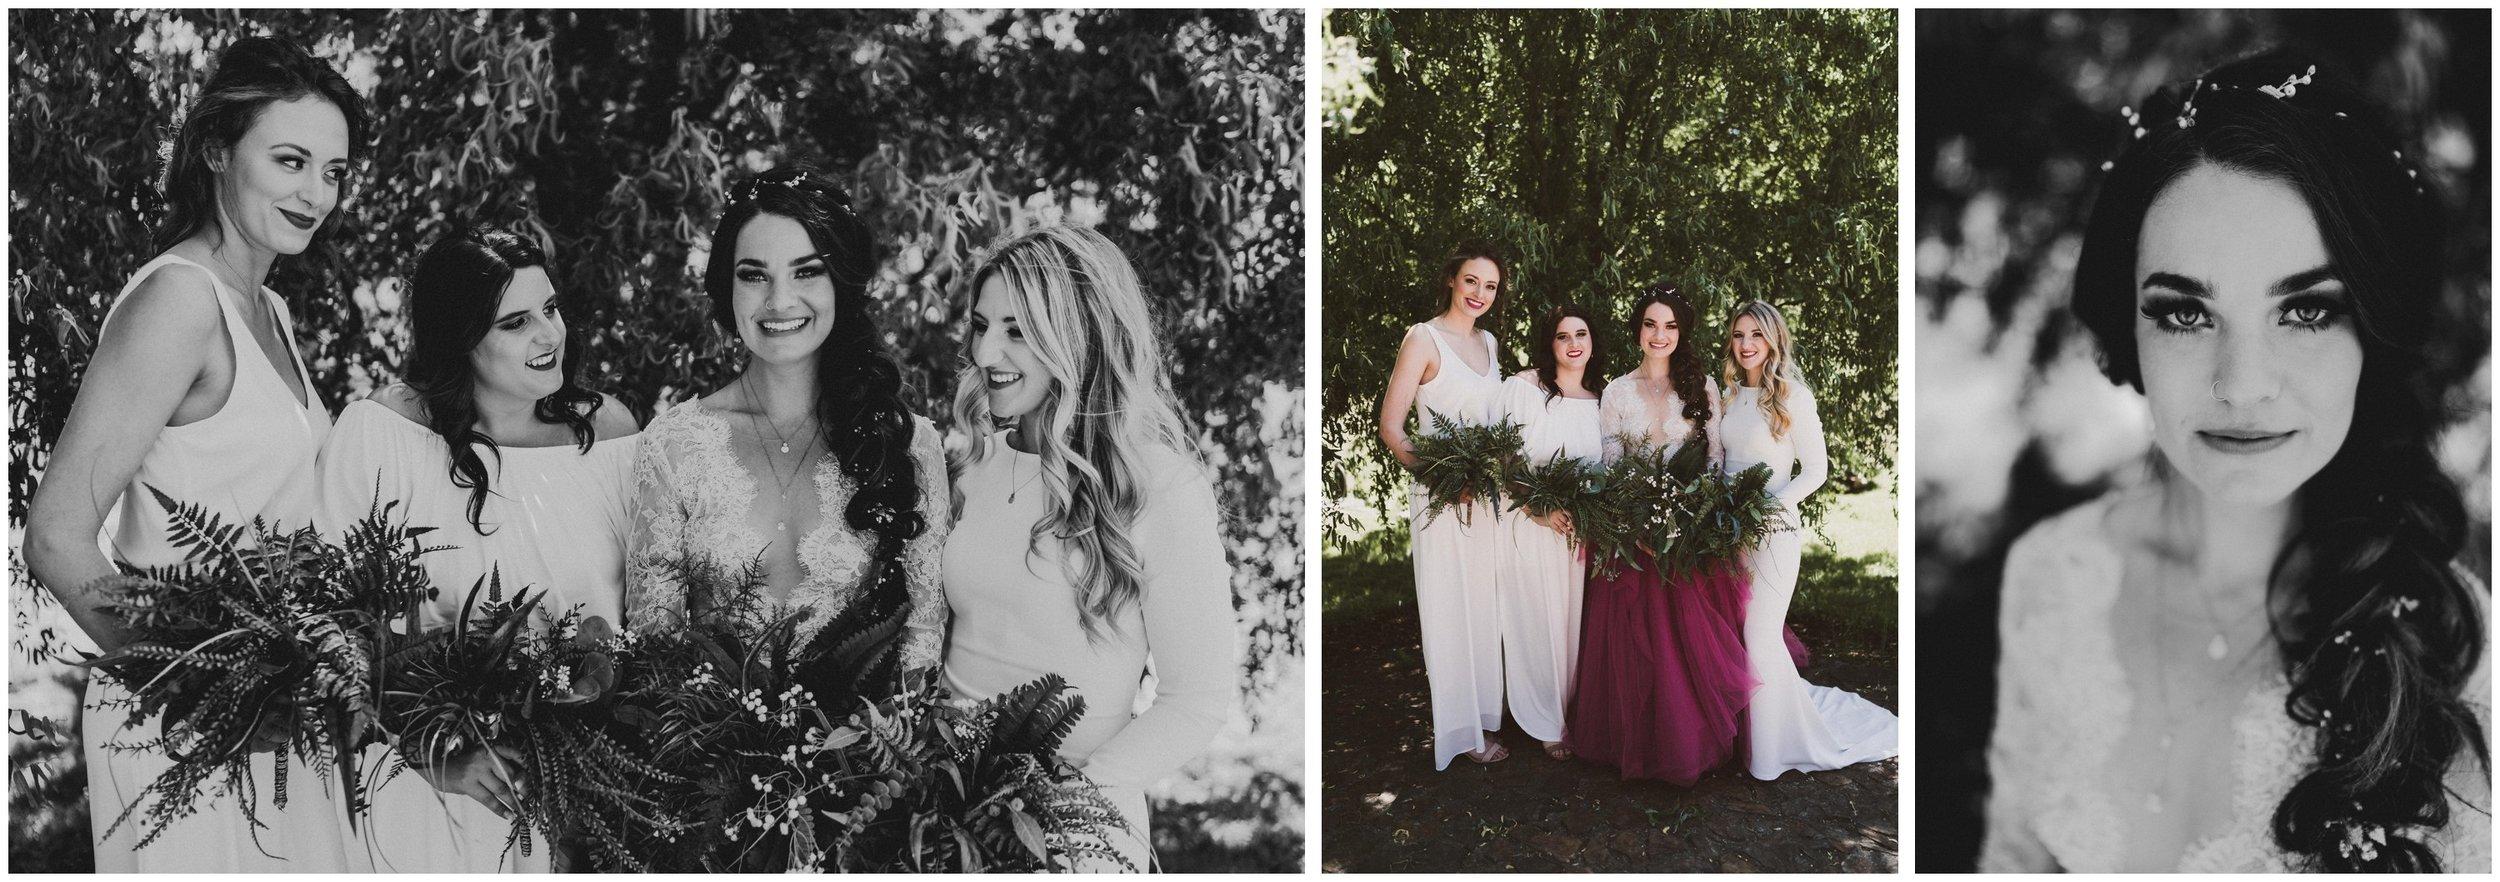 TONY-GAMBINO-PHOTOGRAPHY-BEND-OREGON-WEDDING-SHOOT-000_1517 bridesmaids.jpg